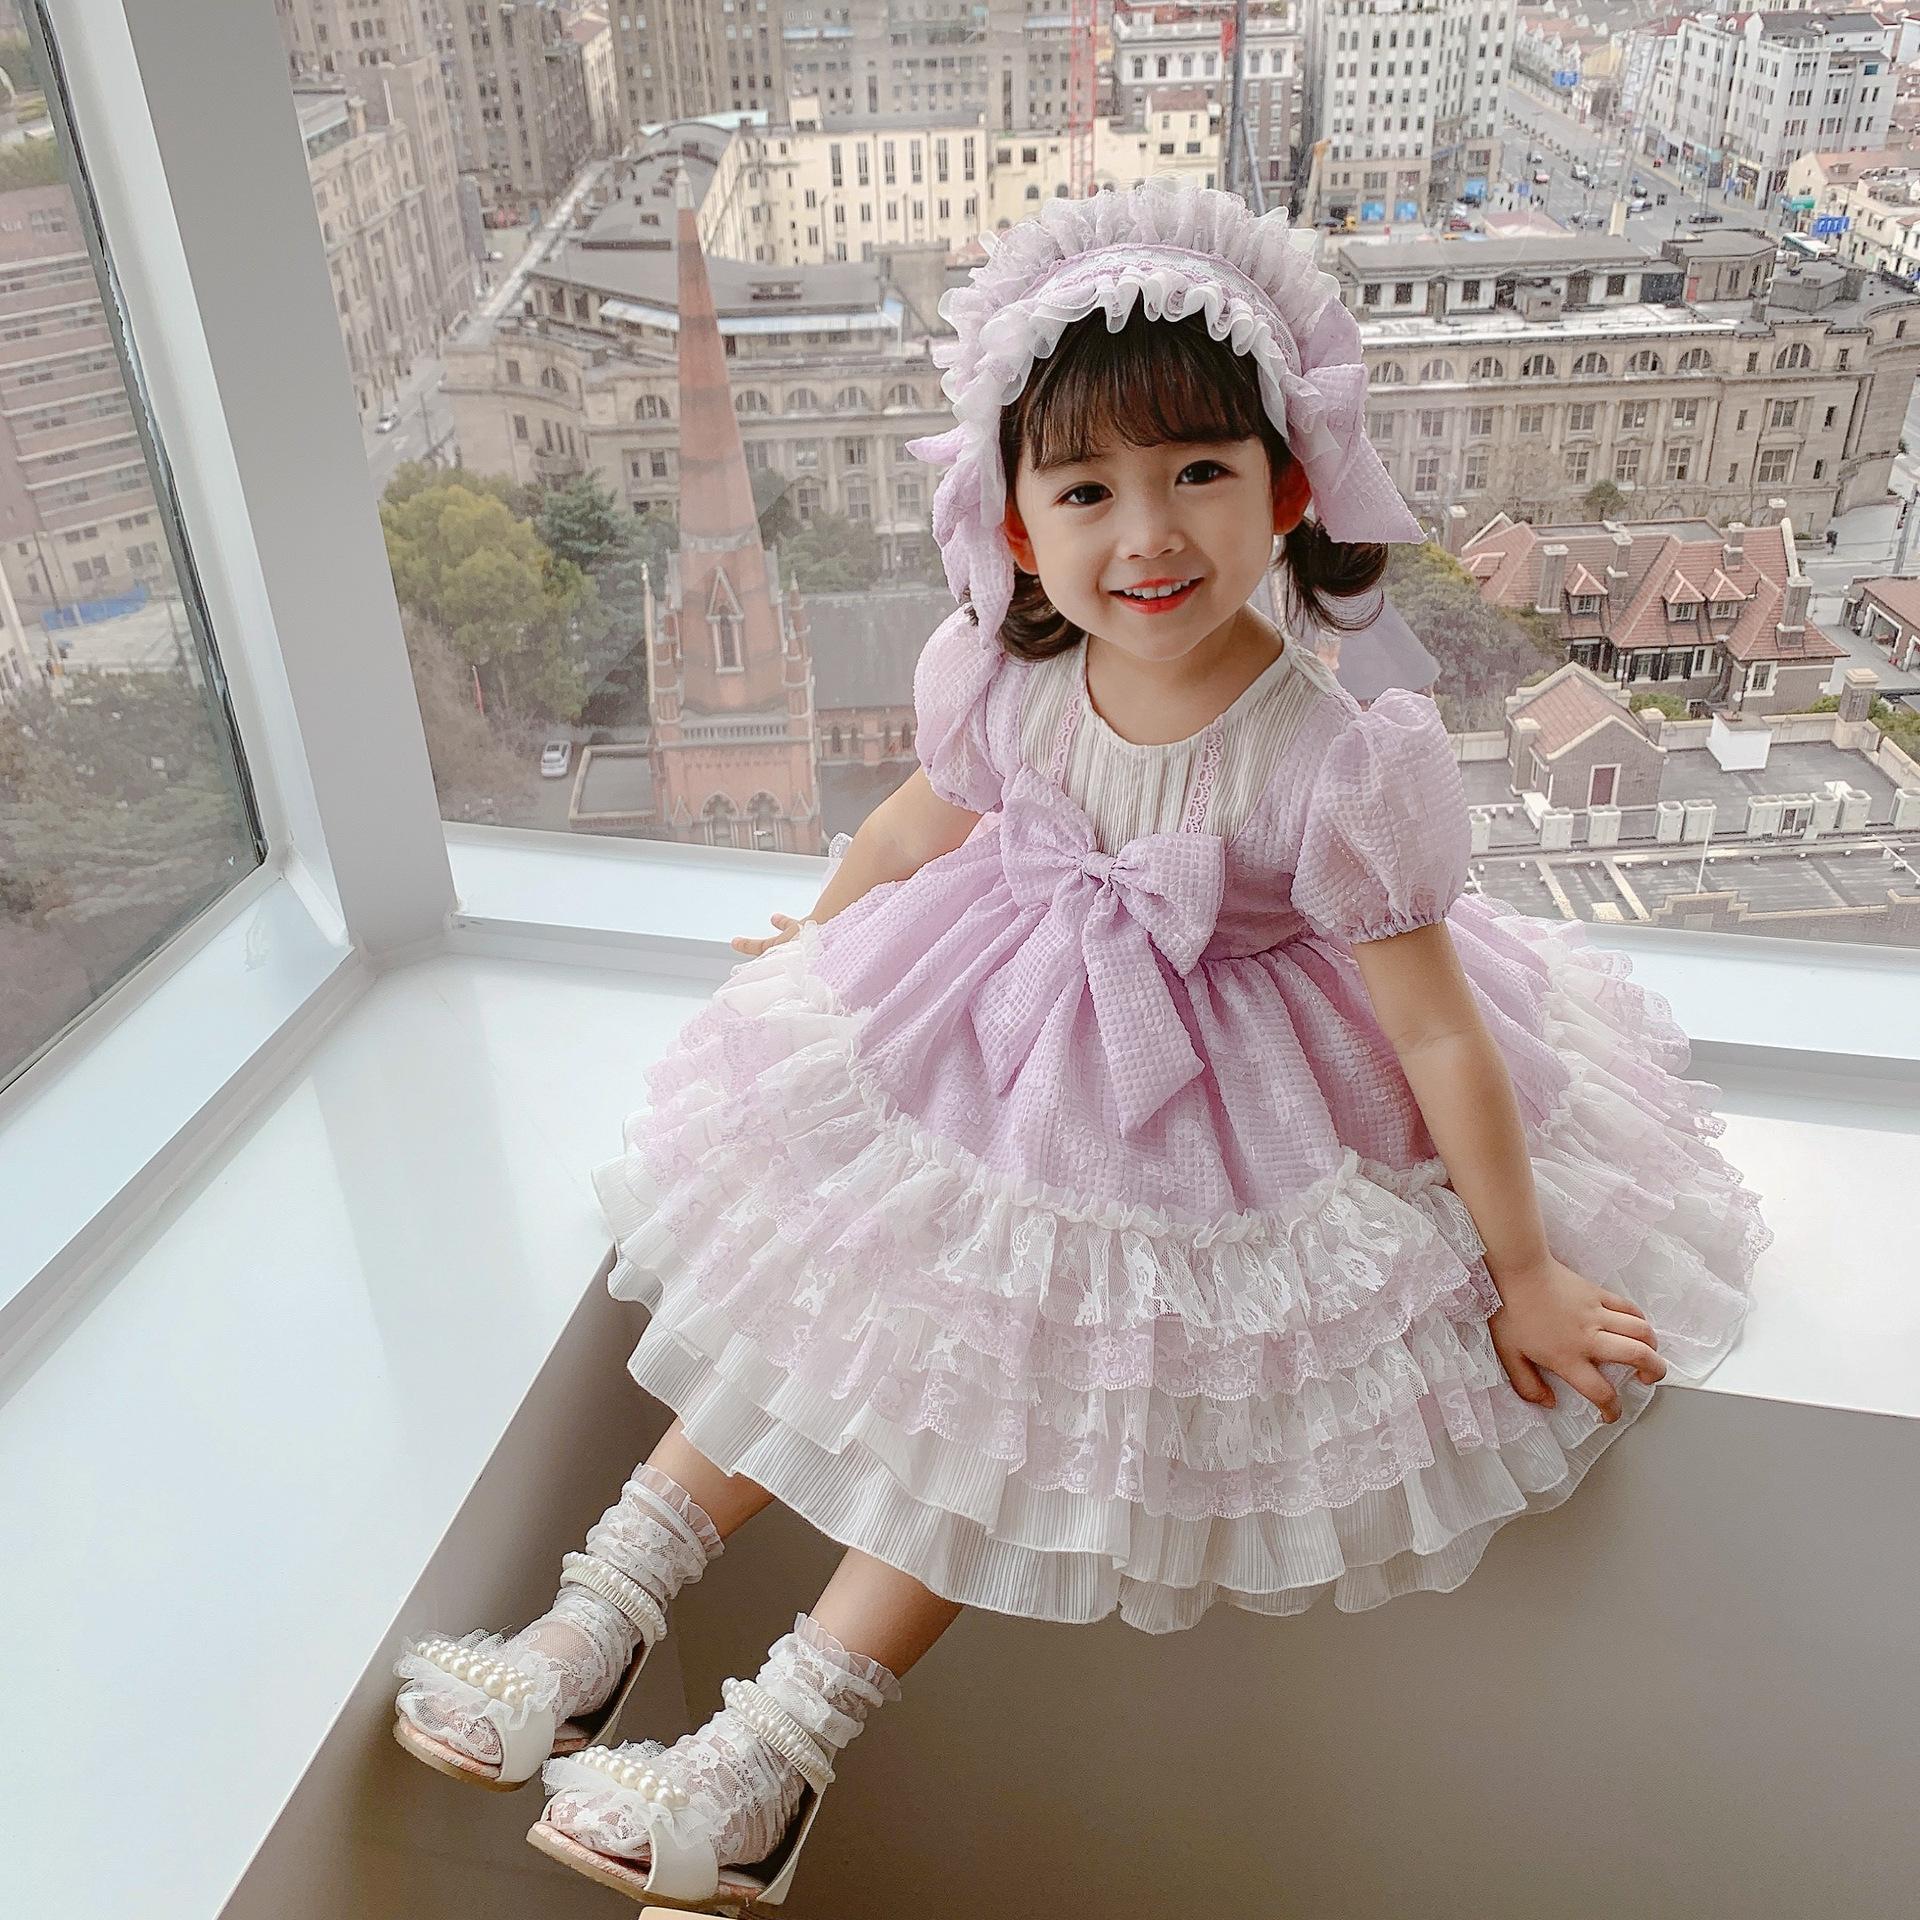 小童洛丽塔夏款萝莉裙女童裙子儿童连衣裙夏季西班牙宫廷风公主裙